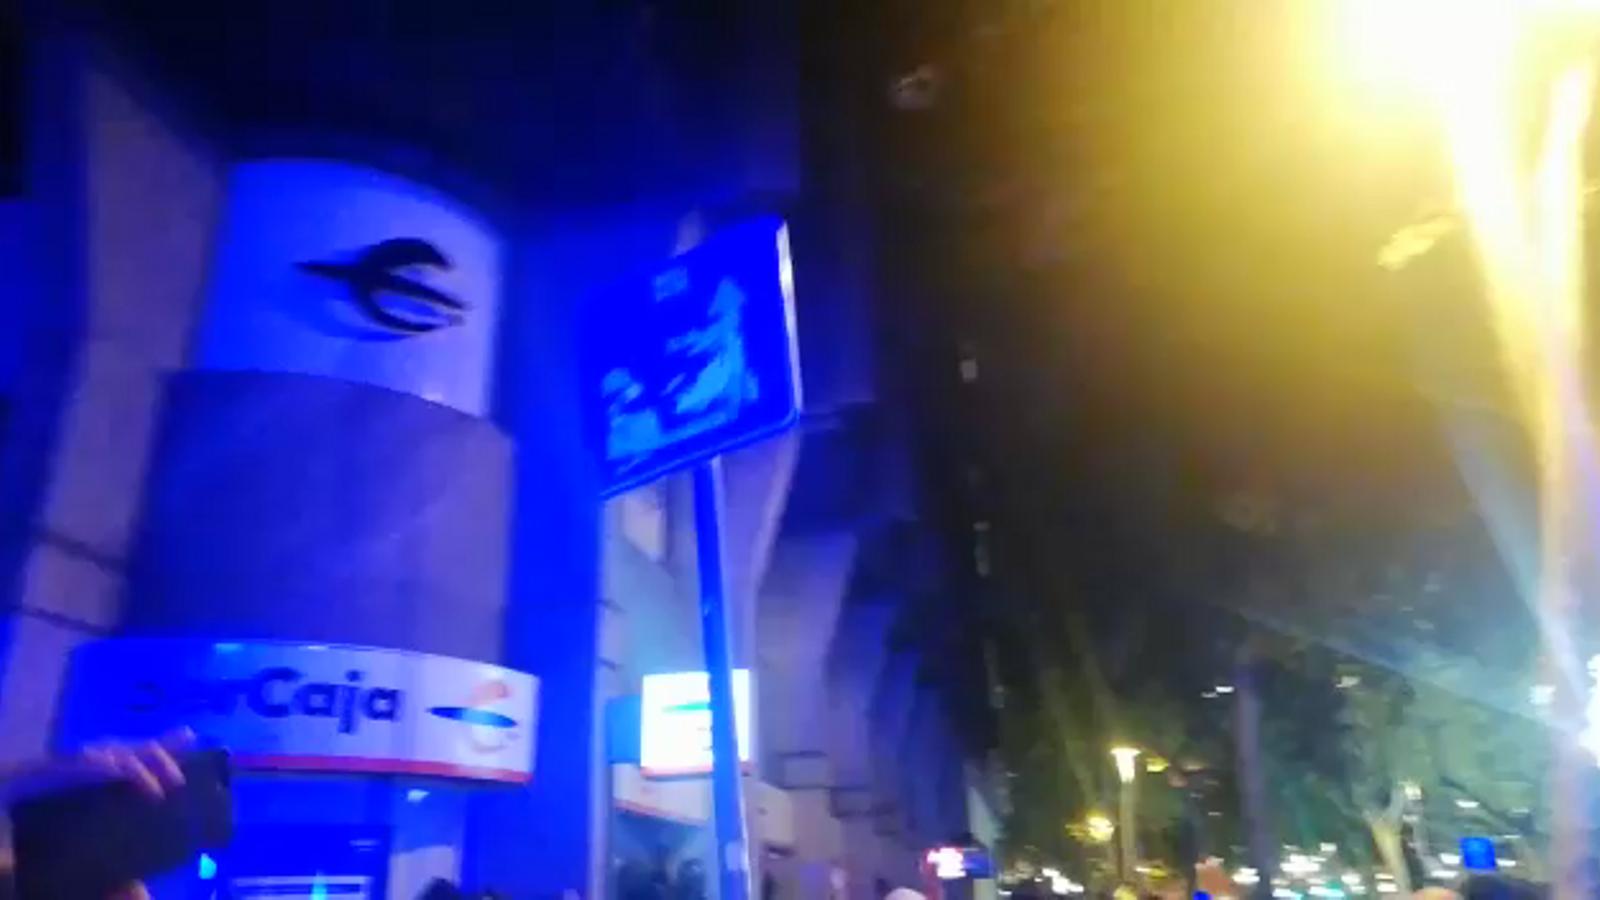 Un manifestant llança una senyal de trànsit davant la delegació del govern espanyol